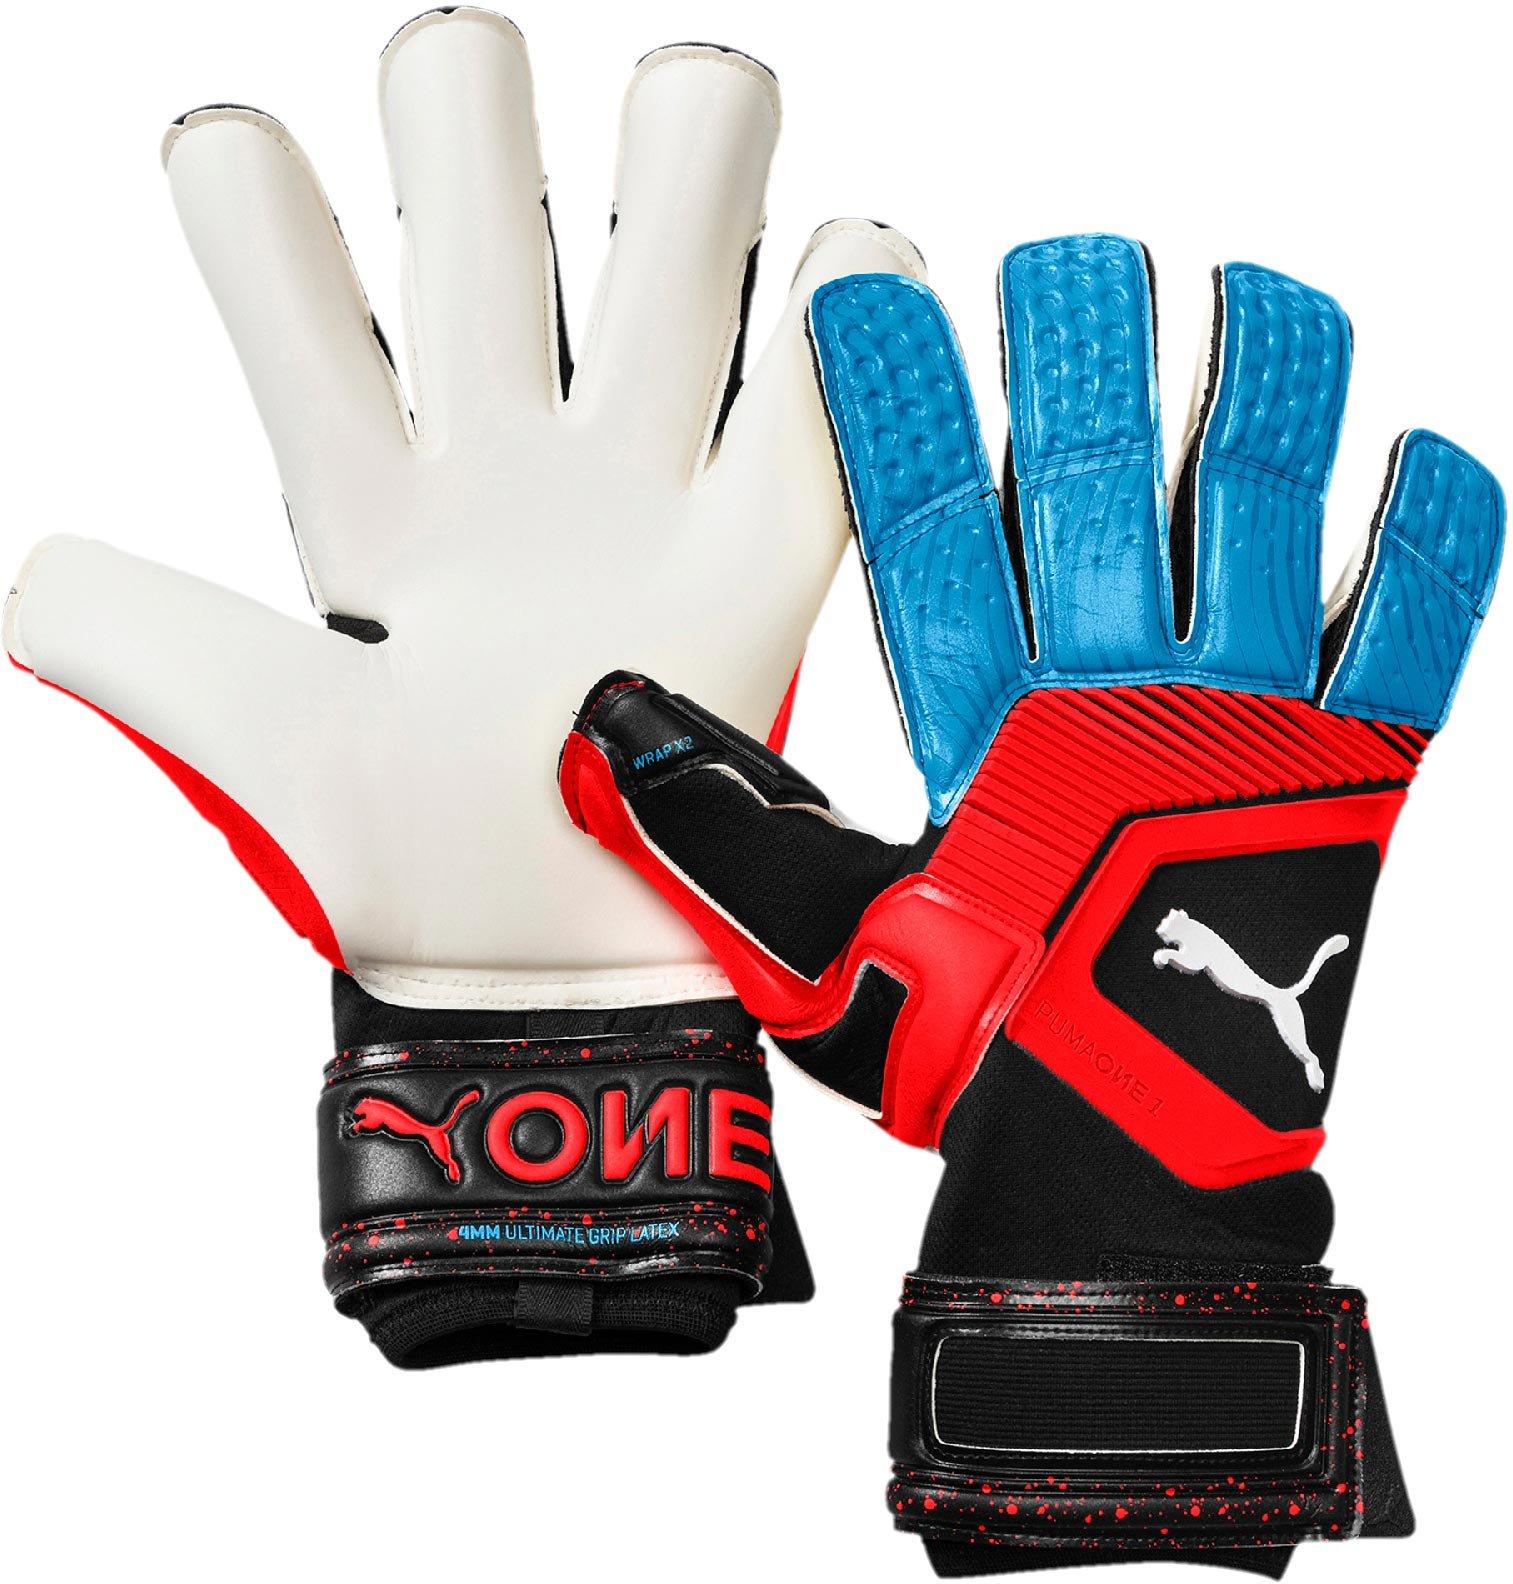 0b0c3c449f54d Cyklistické rukavice   Ako vybrať a kde kúpiť